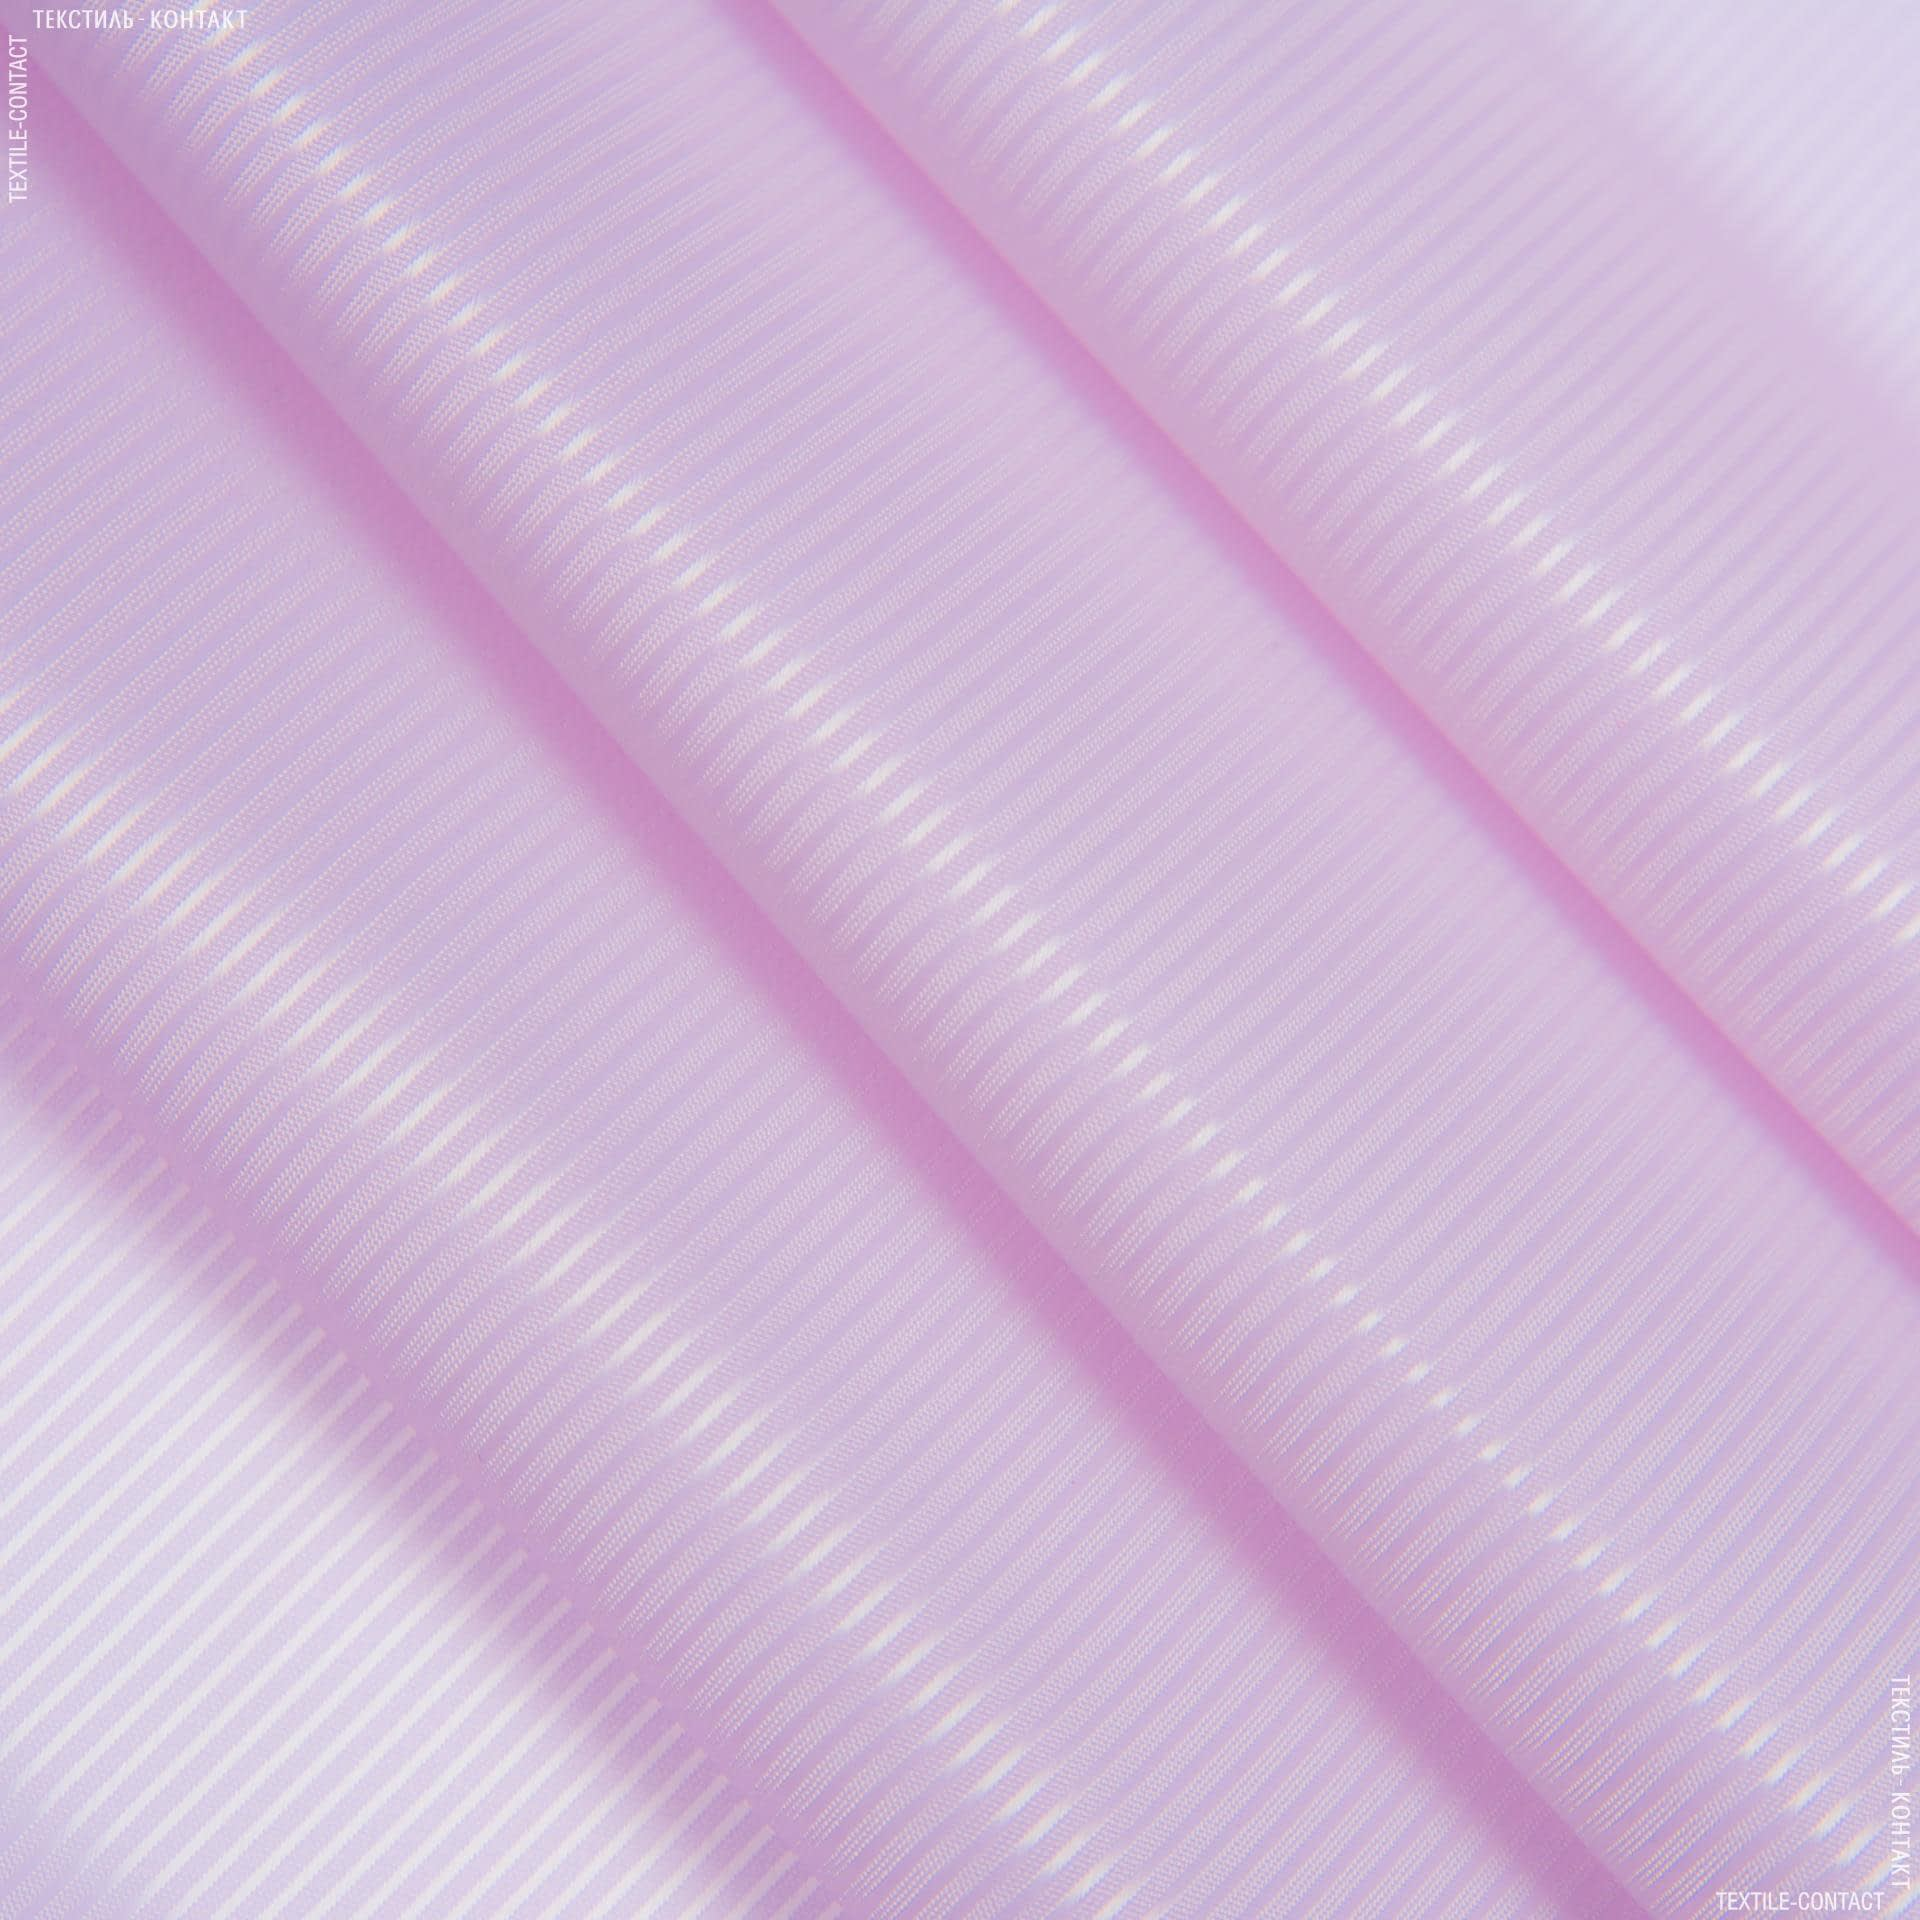 Ткани подкладочная ткань - Подкладочная диагональ 210т светло-фрезовый